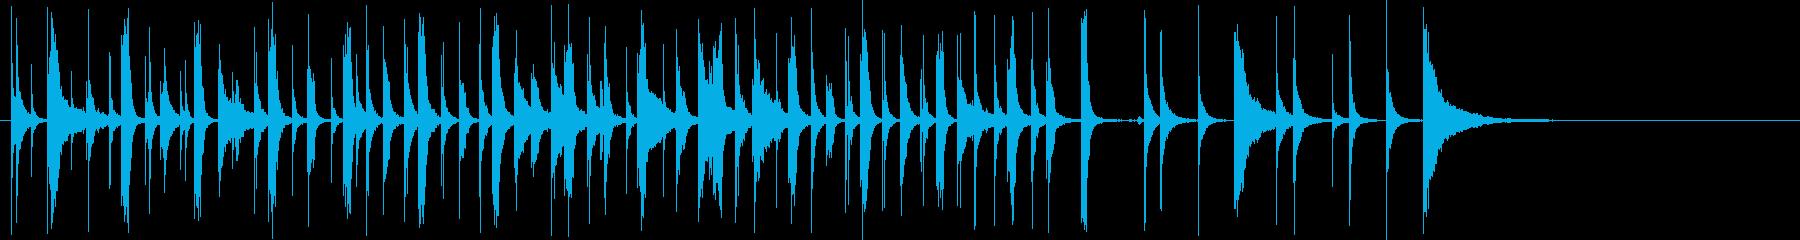 木琴メロディー:ケイジャン料理:A...の再生済みの波形